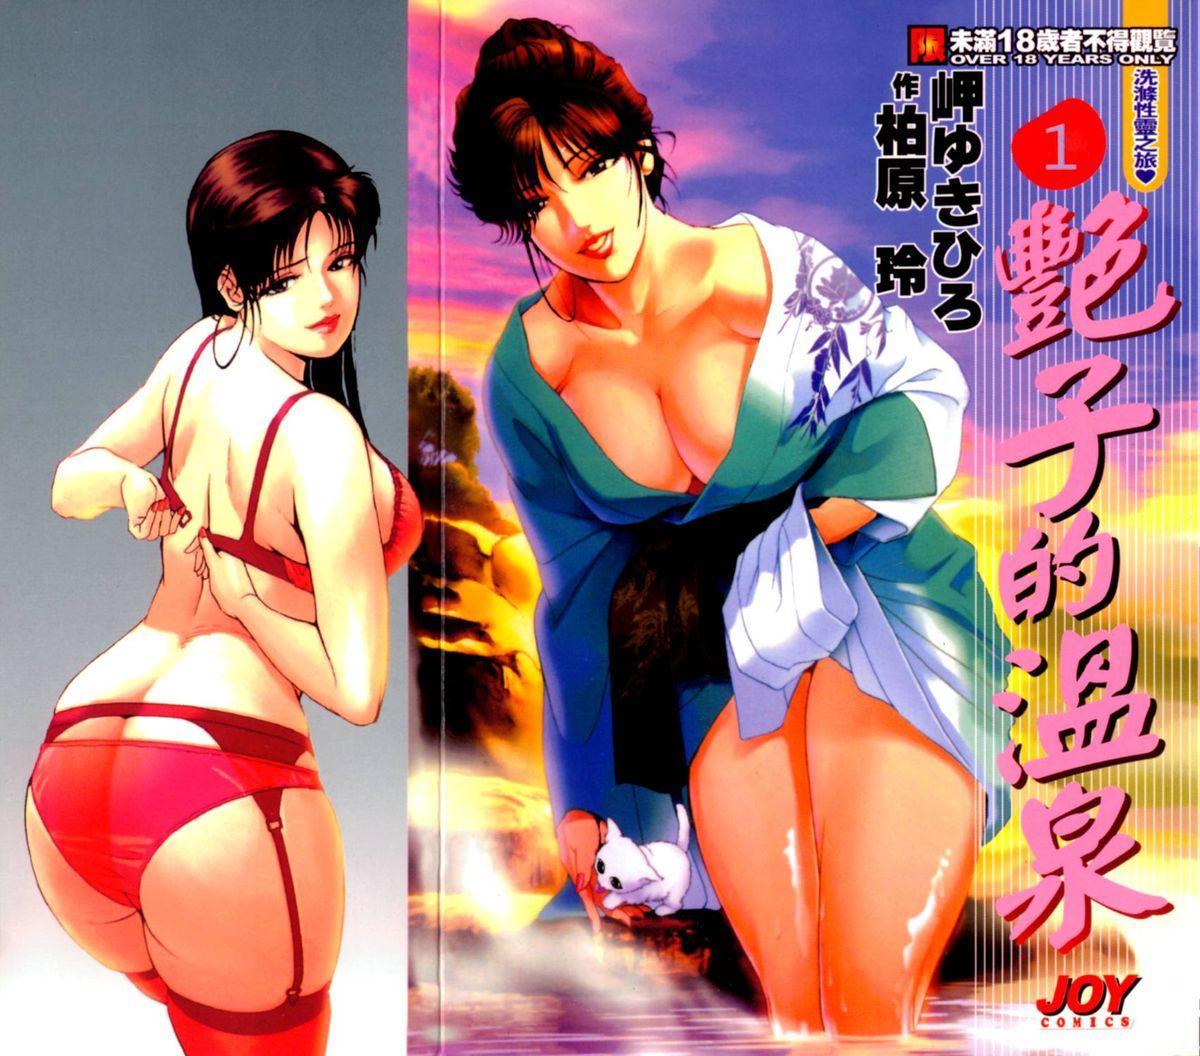 Tsuyako no Yu 1 | 艷子的温泉 1 0